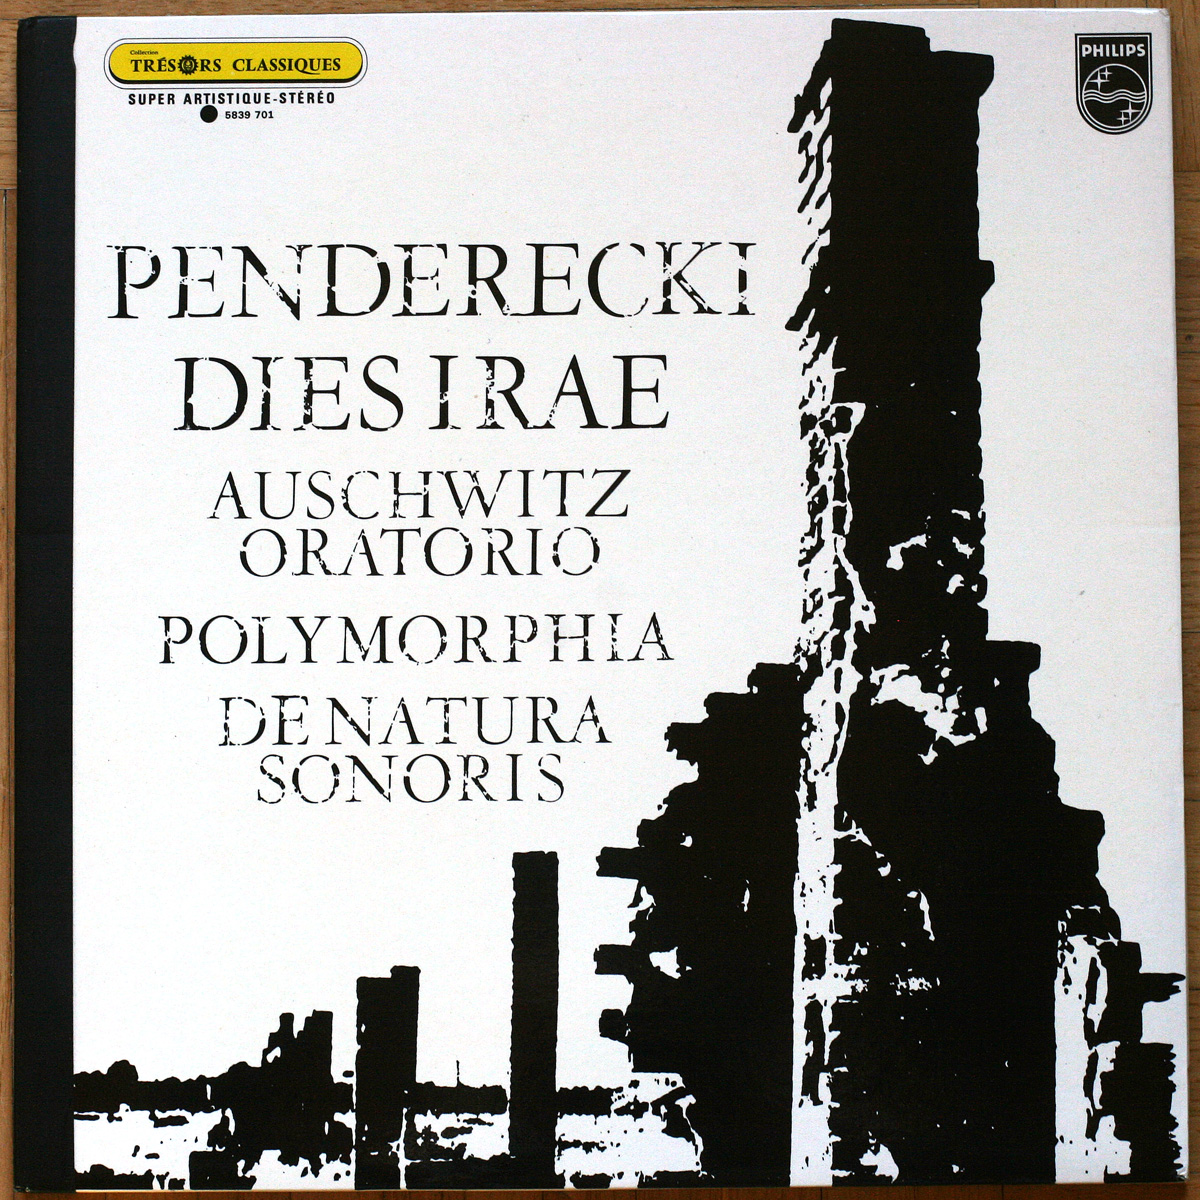 Penderecki Dies Irae Polymorphia